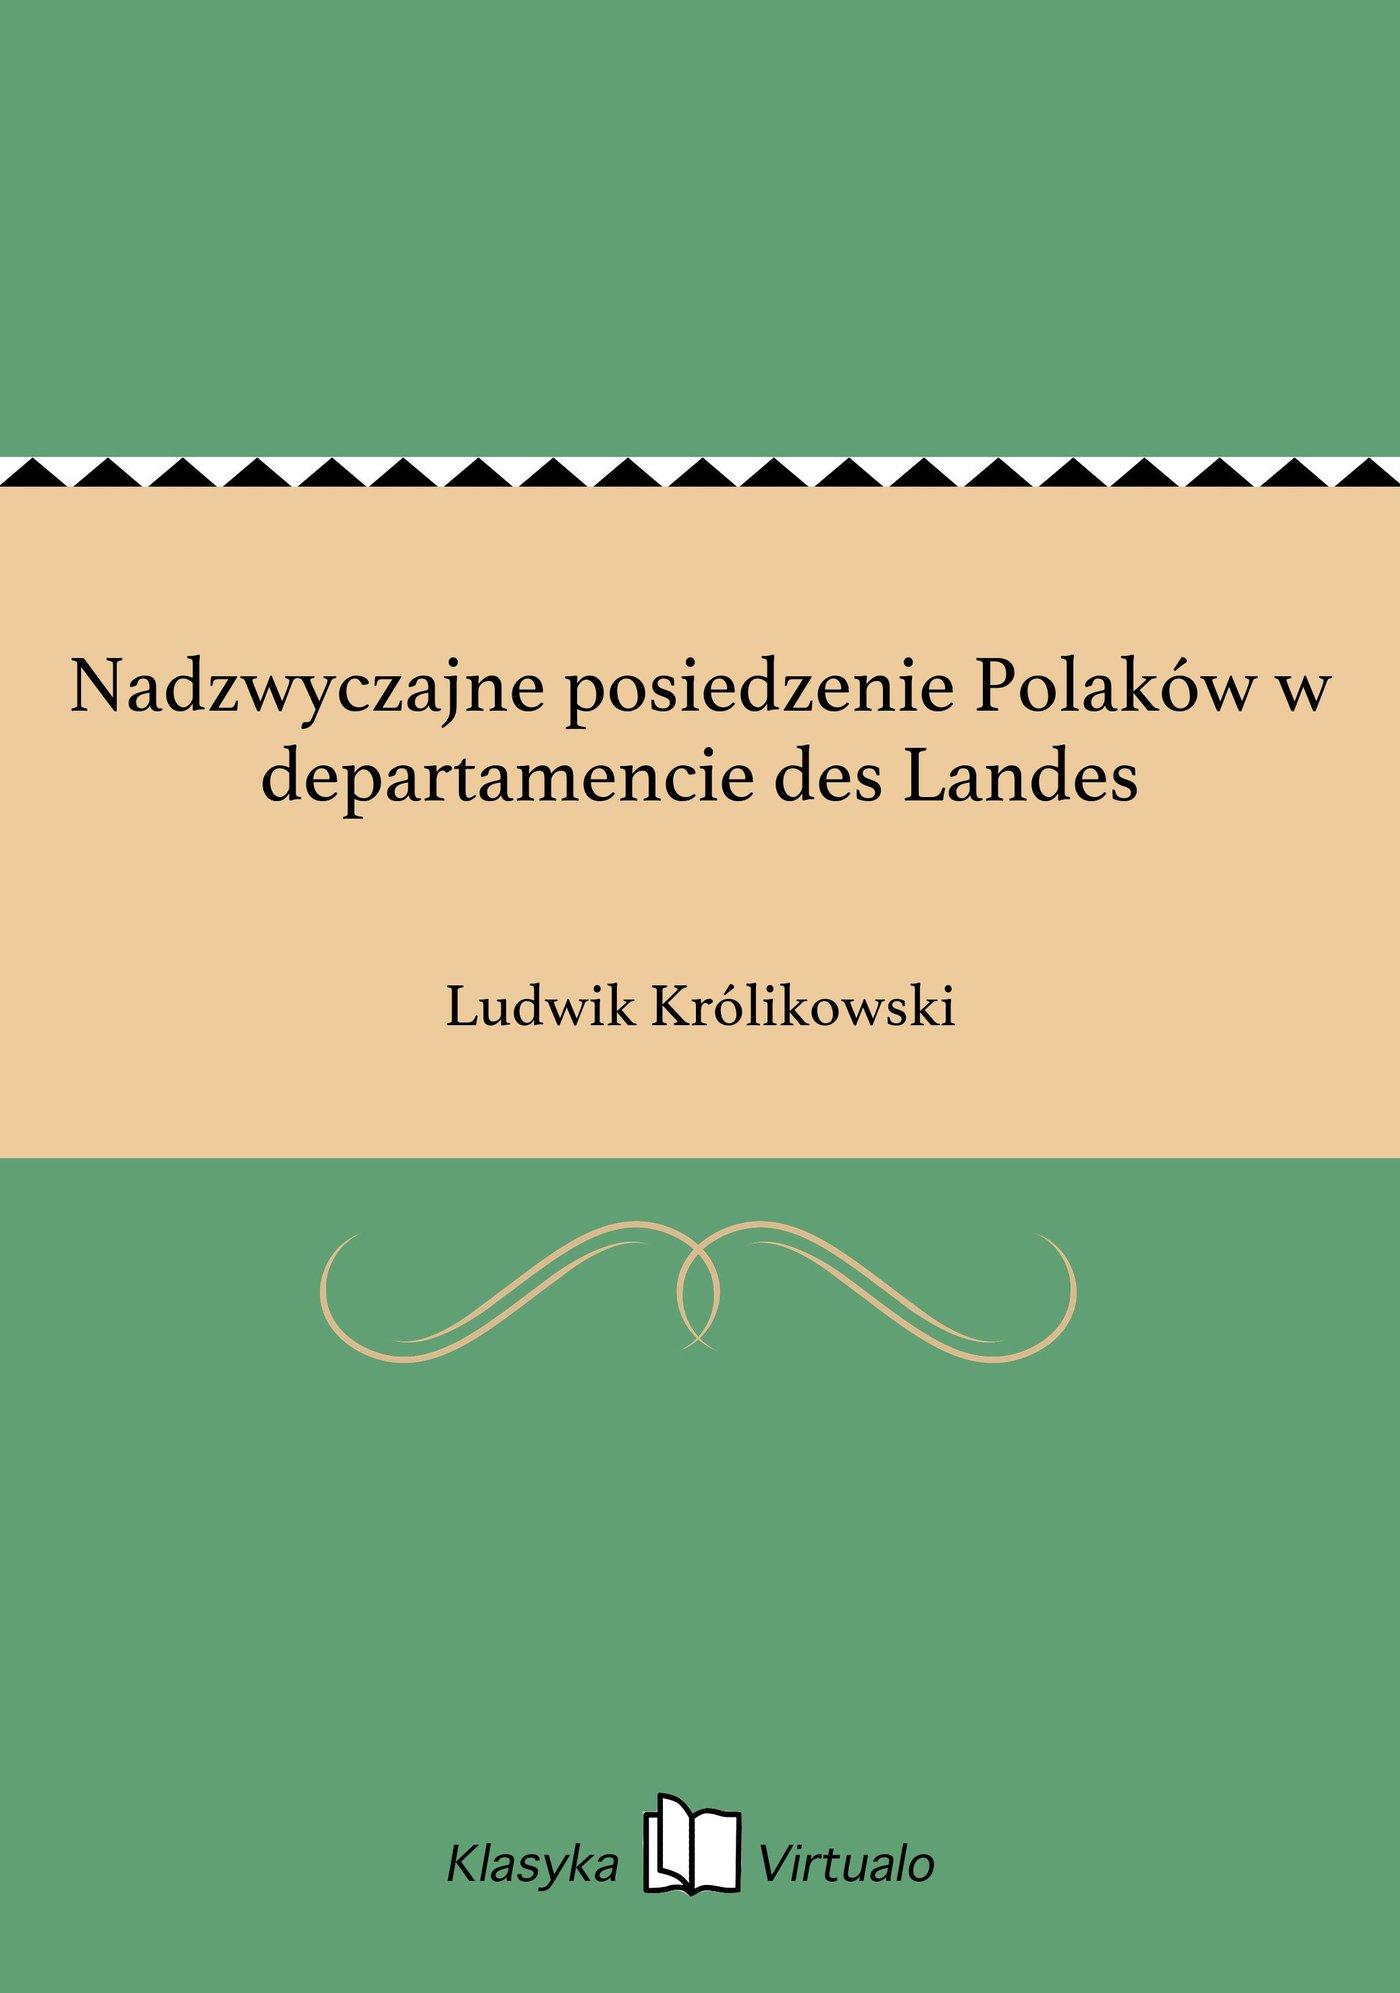 Nadzwyczajne posiedzenie Polaków w departamencie des Landes - Ebook (Książka EPUB) do pobrania w formacie EPUB